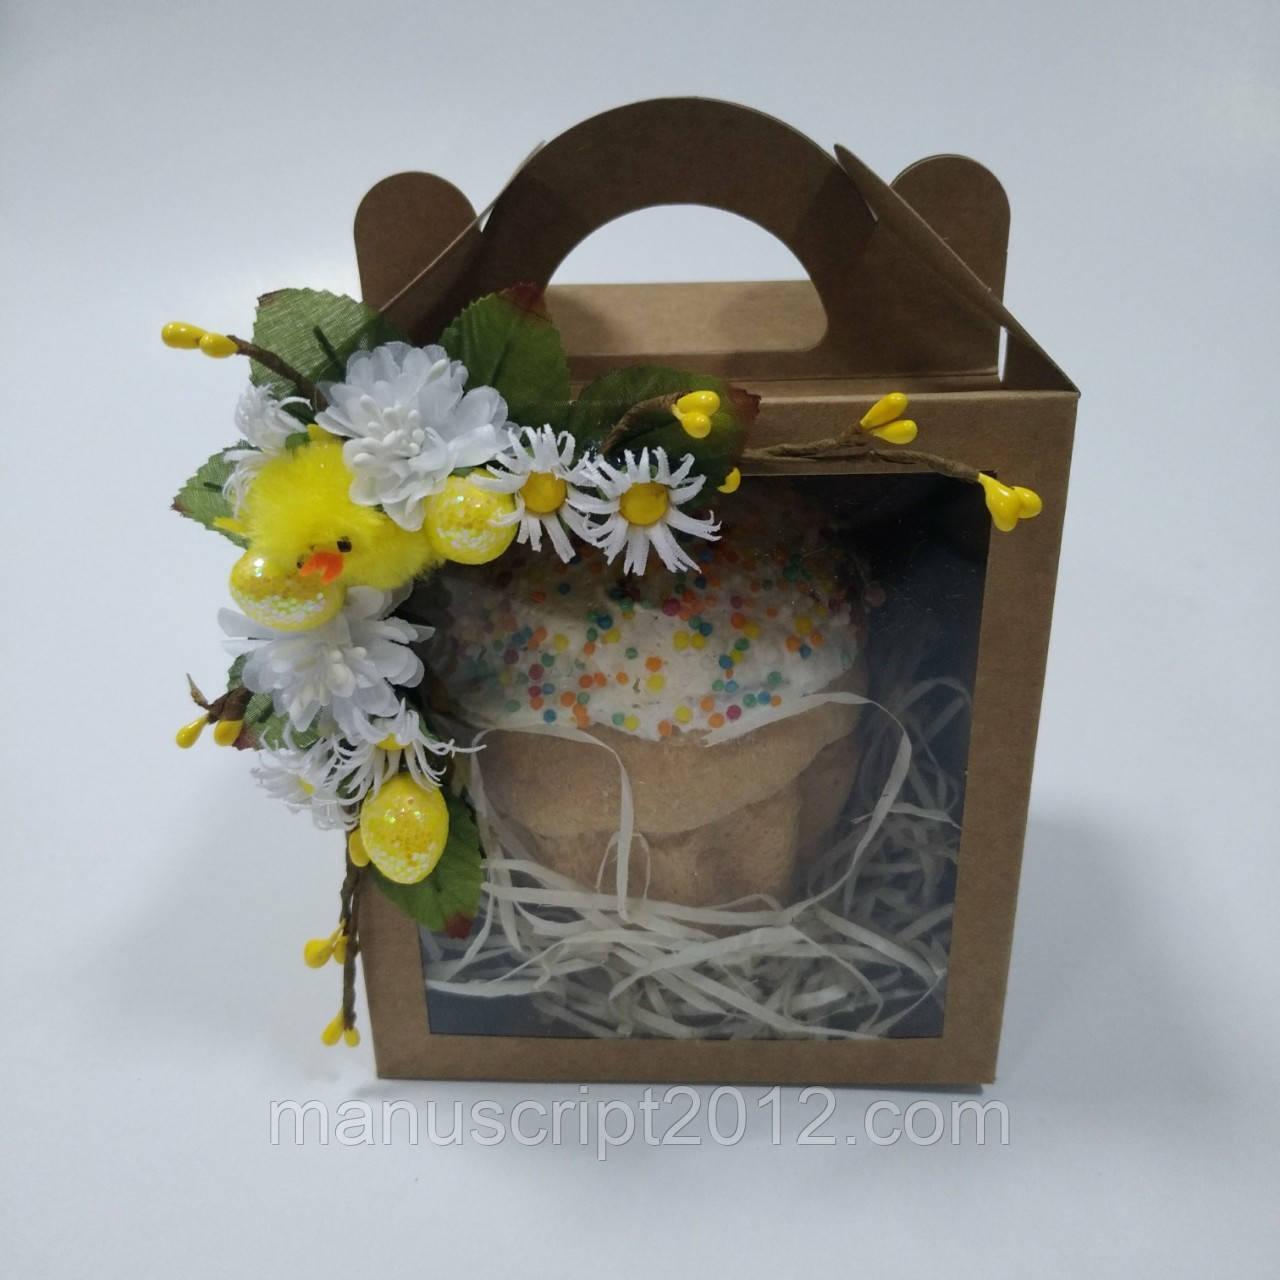 Коробка для кулича, пряничного домика, подарка крафт  11,5х12х14 см. с декором